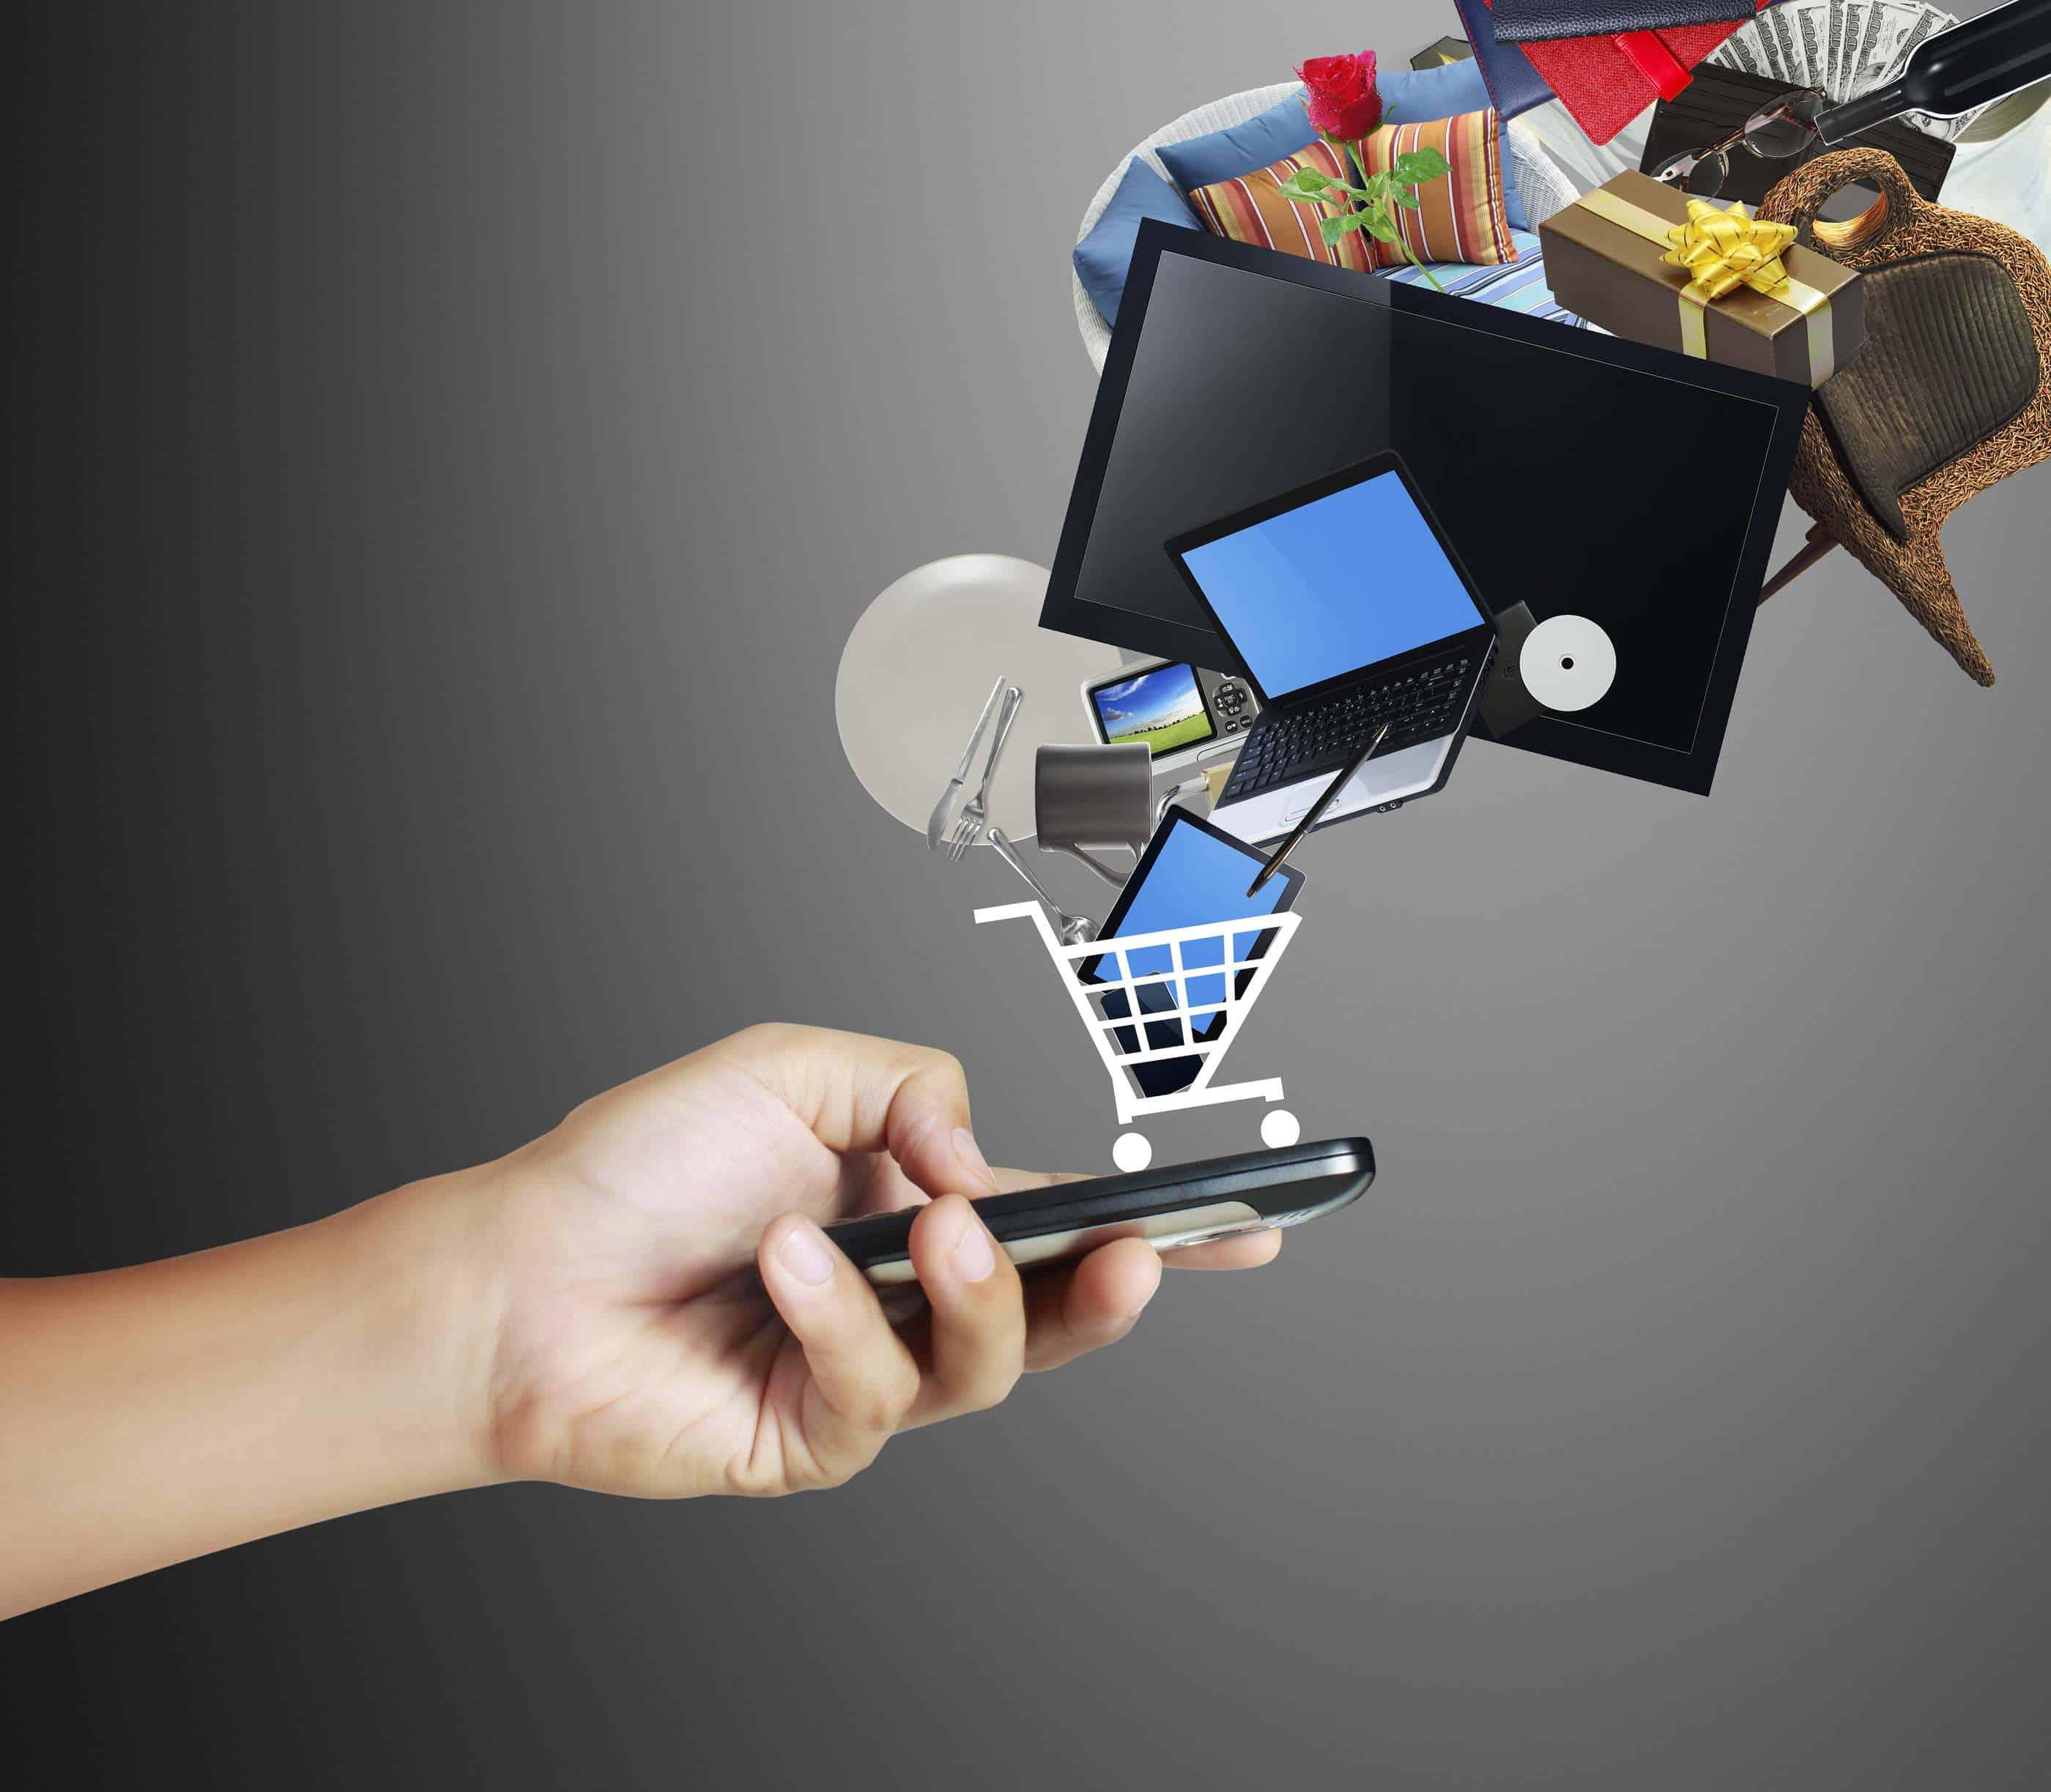 articolo-blog-smartup-mobile-marketing-business-agenzia